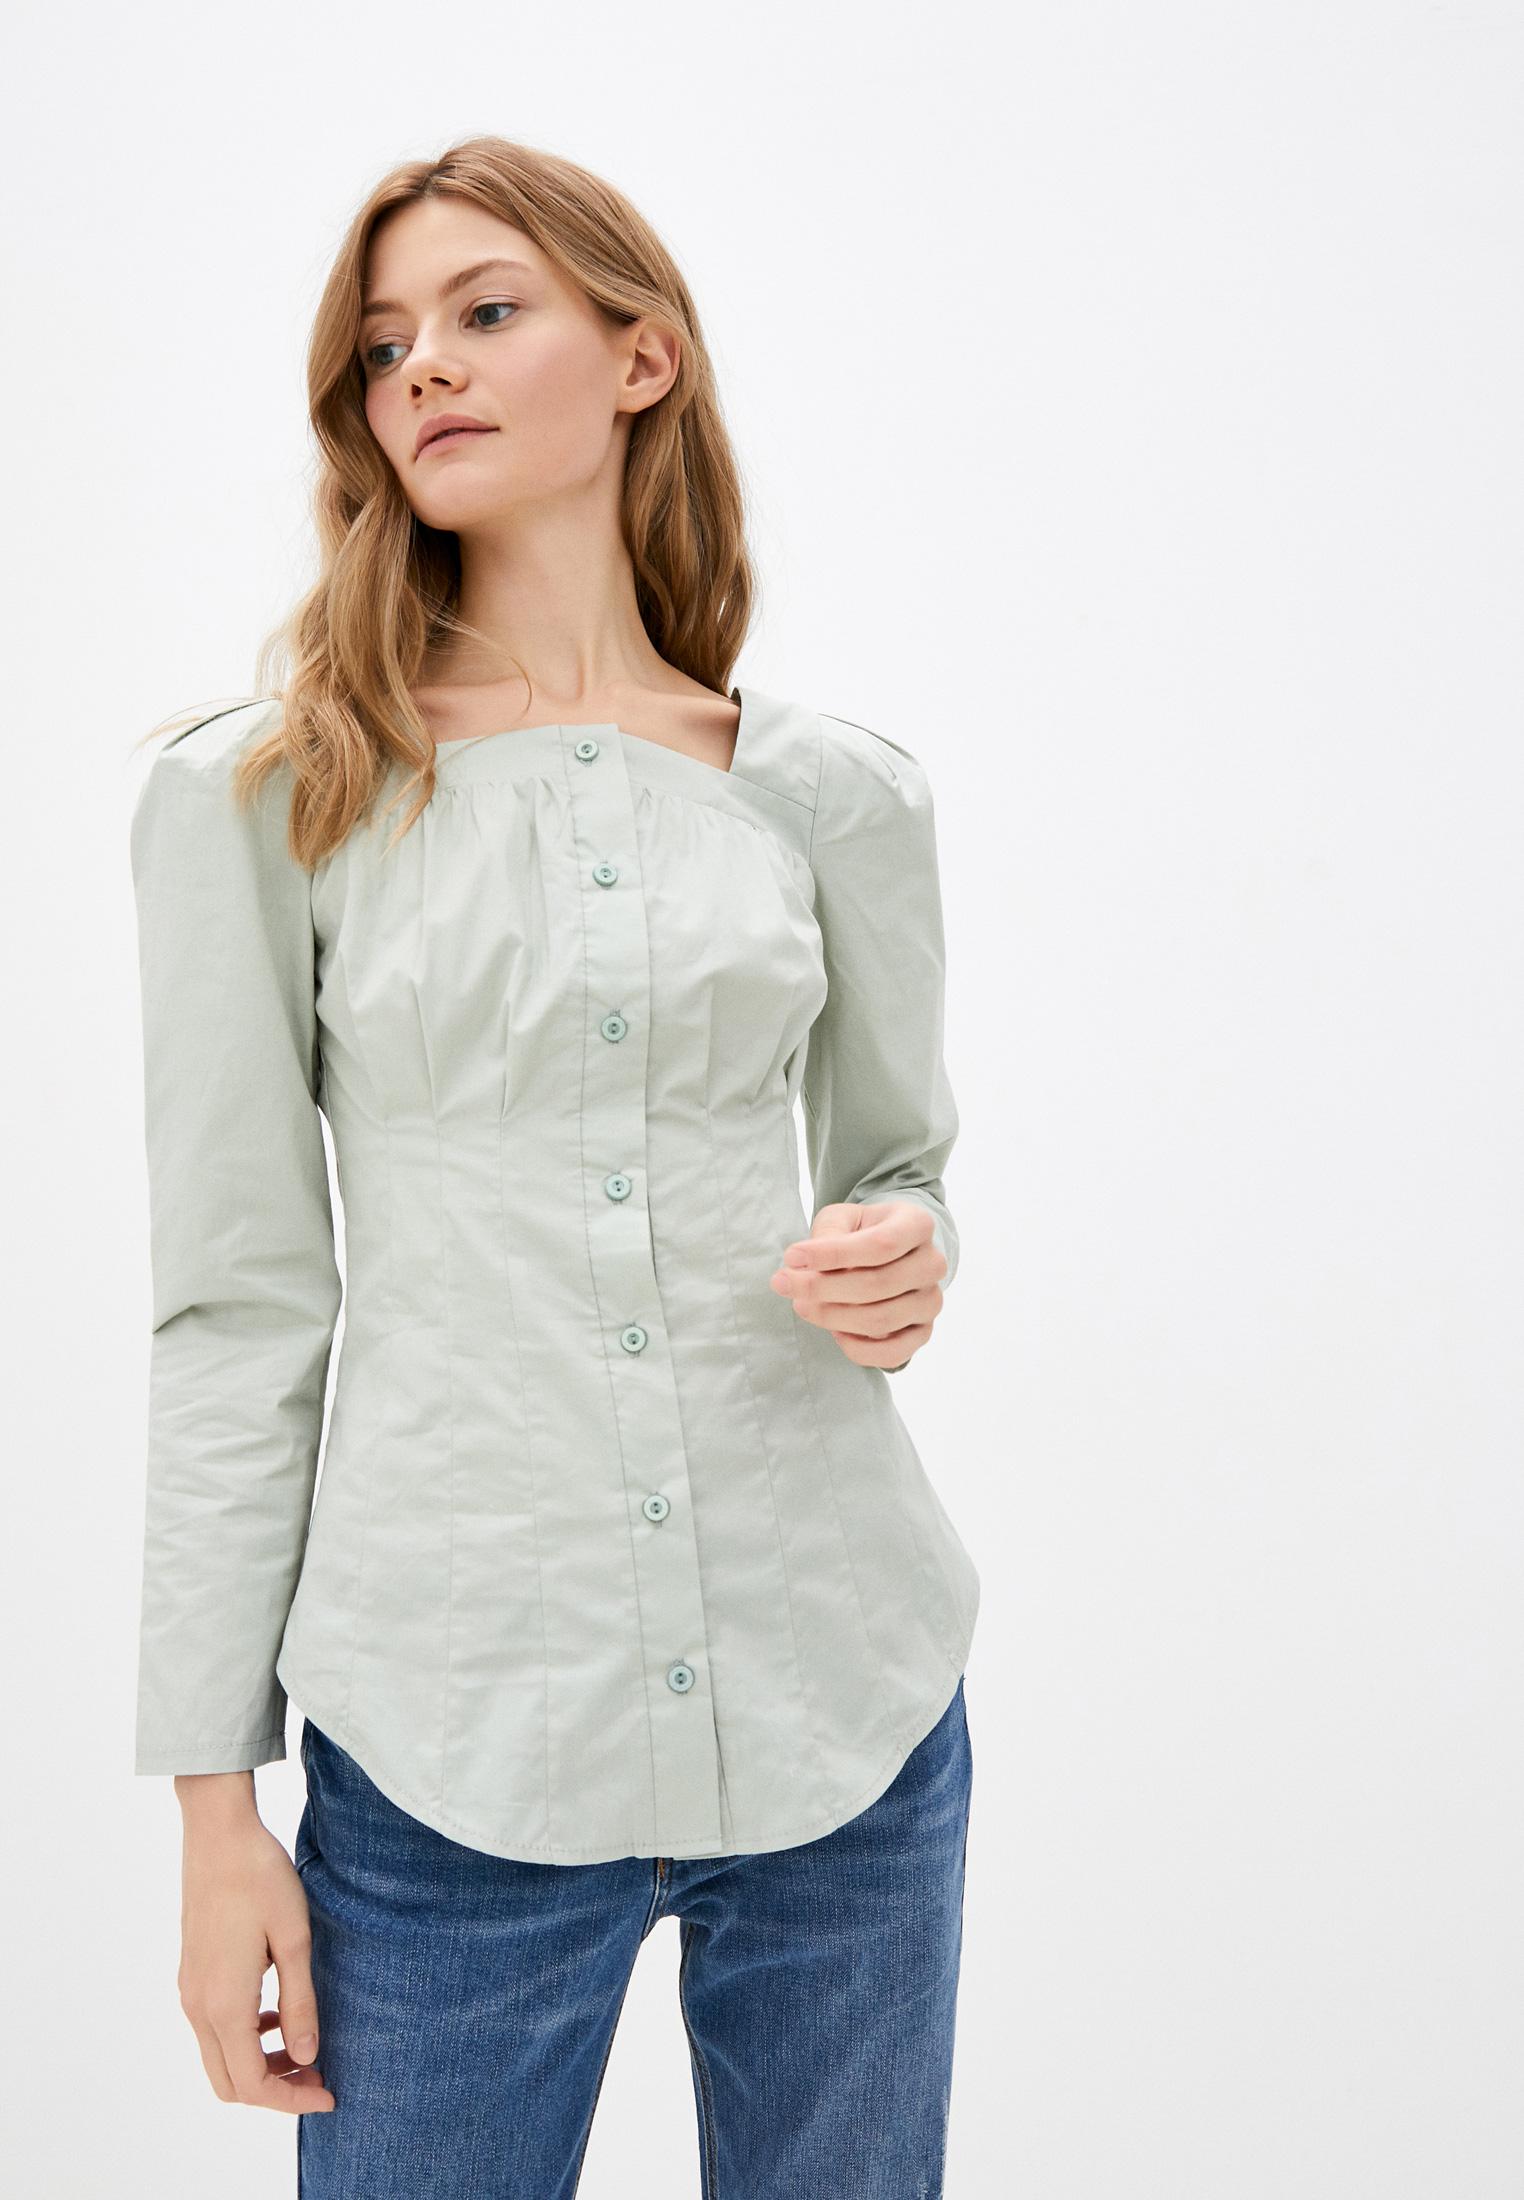 Женские рубашки с длинным рукавом Rainrain Рубашка Rainrain